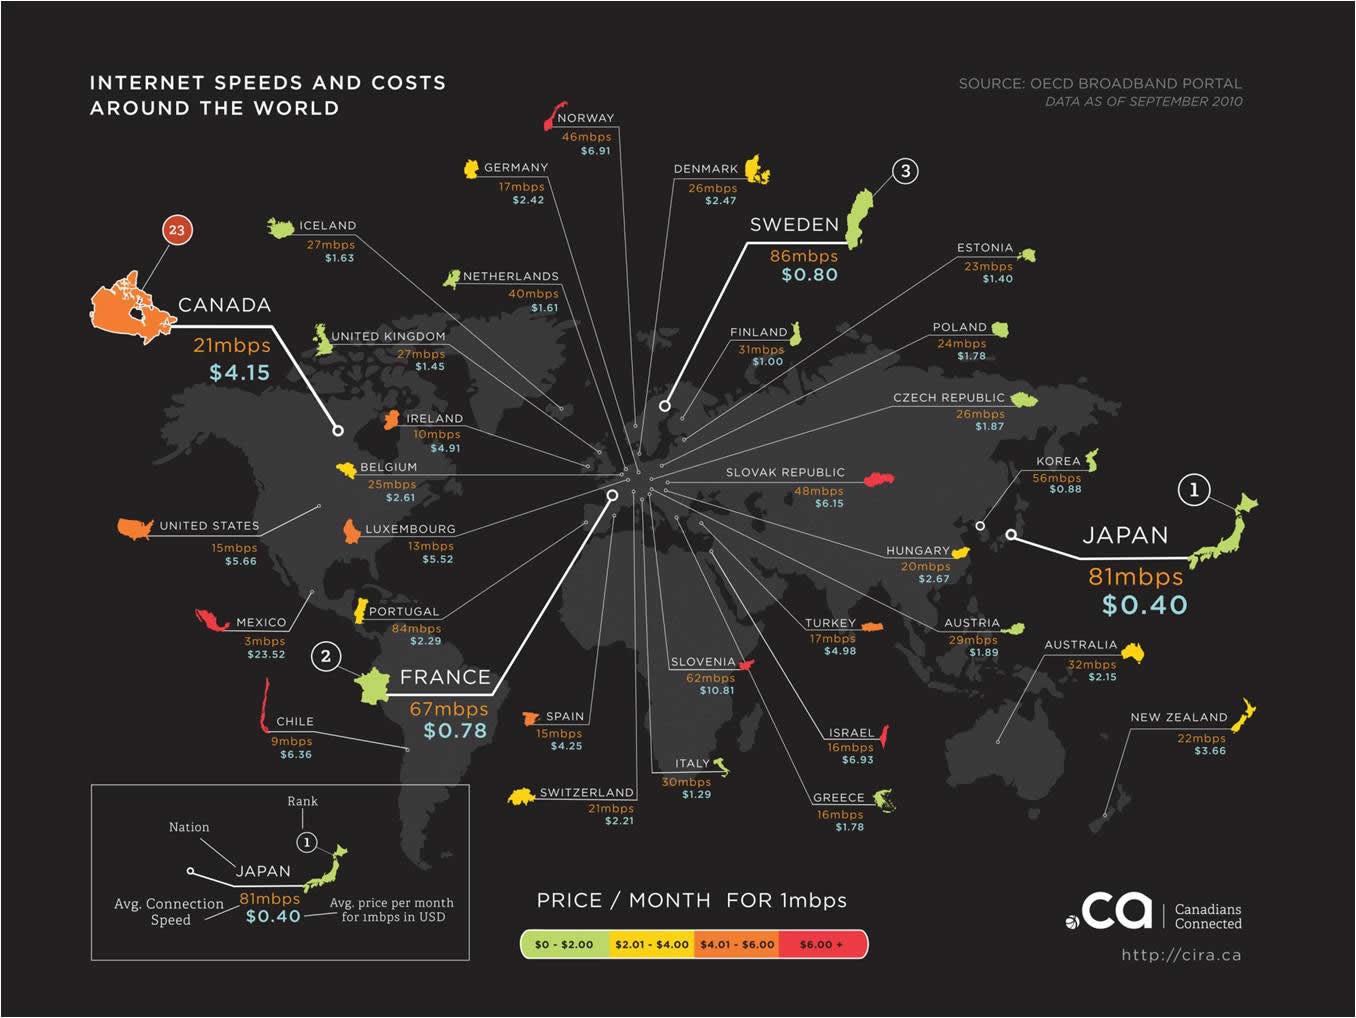 dünyada internet ücretleri